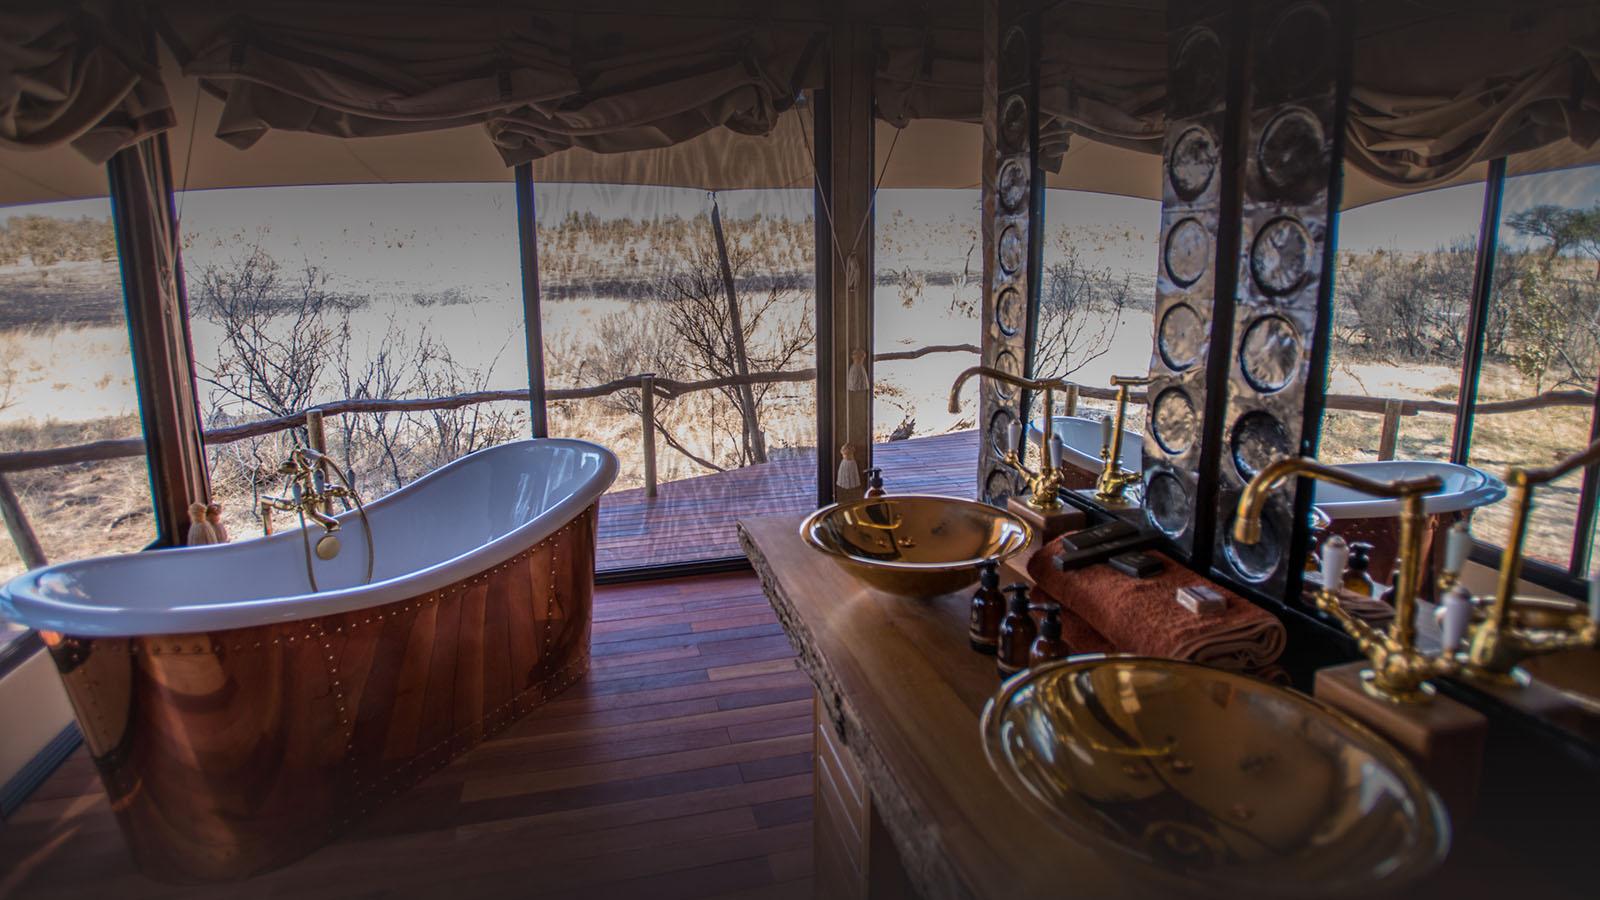 somalisa camp zimbabwe-lodges-zambia-in-style-safaris-wildlife-africa-hwange-national-park-bathroom